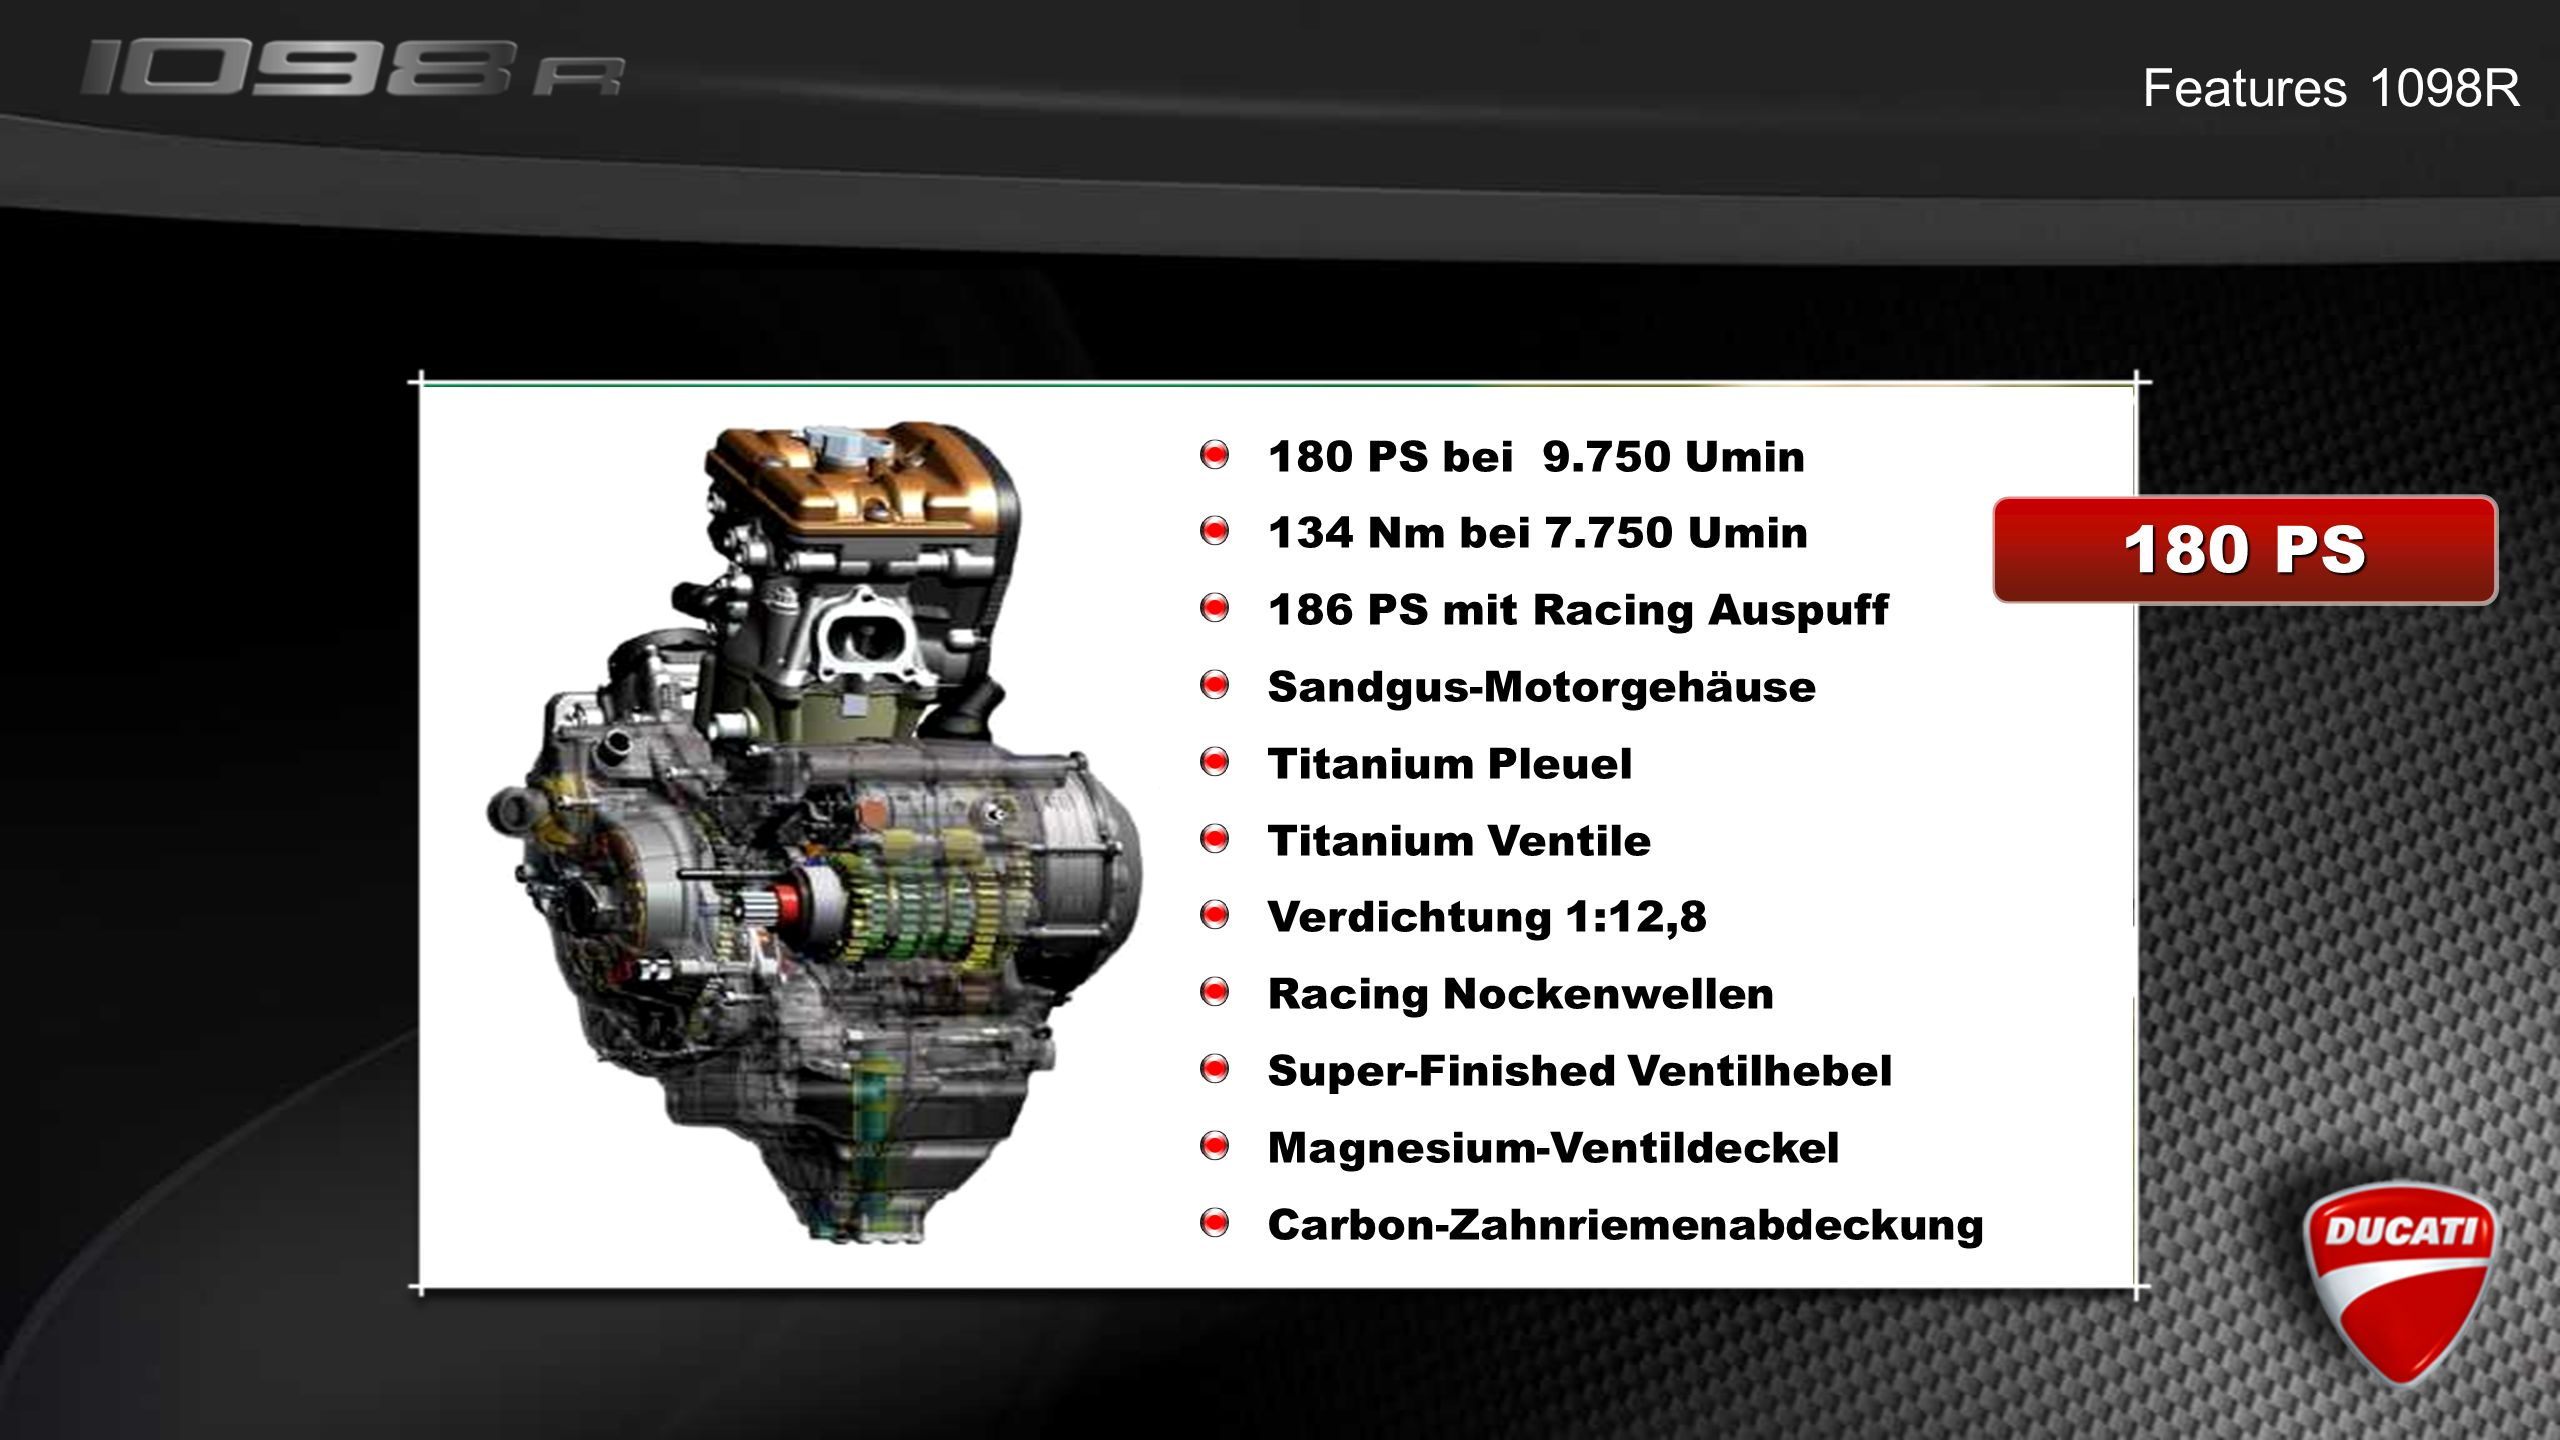 Features 1098R 180 PS 180 PS bei 9.750 Umin 134 Nm bei 7.750 Umin 186 PS mit Racing Auspuff Sandgus-Motorgehäuse Titanium Pleuel Titanium Ventile Verd